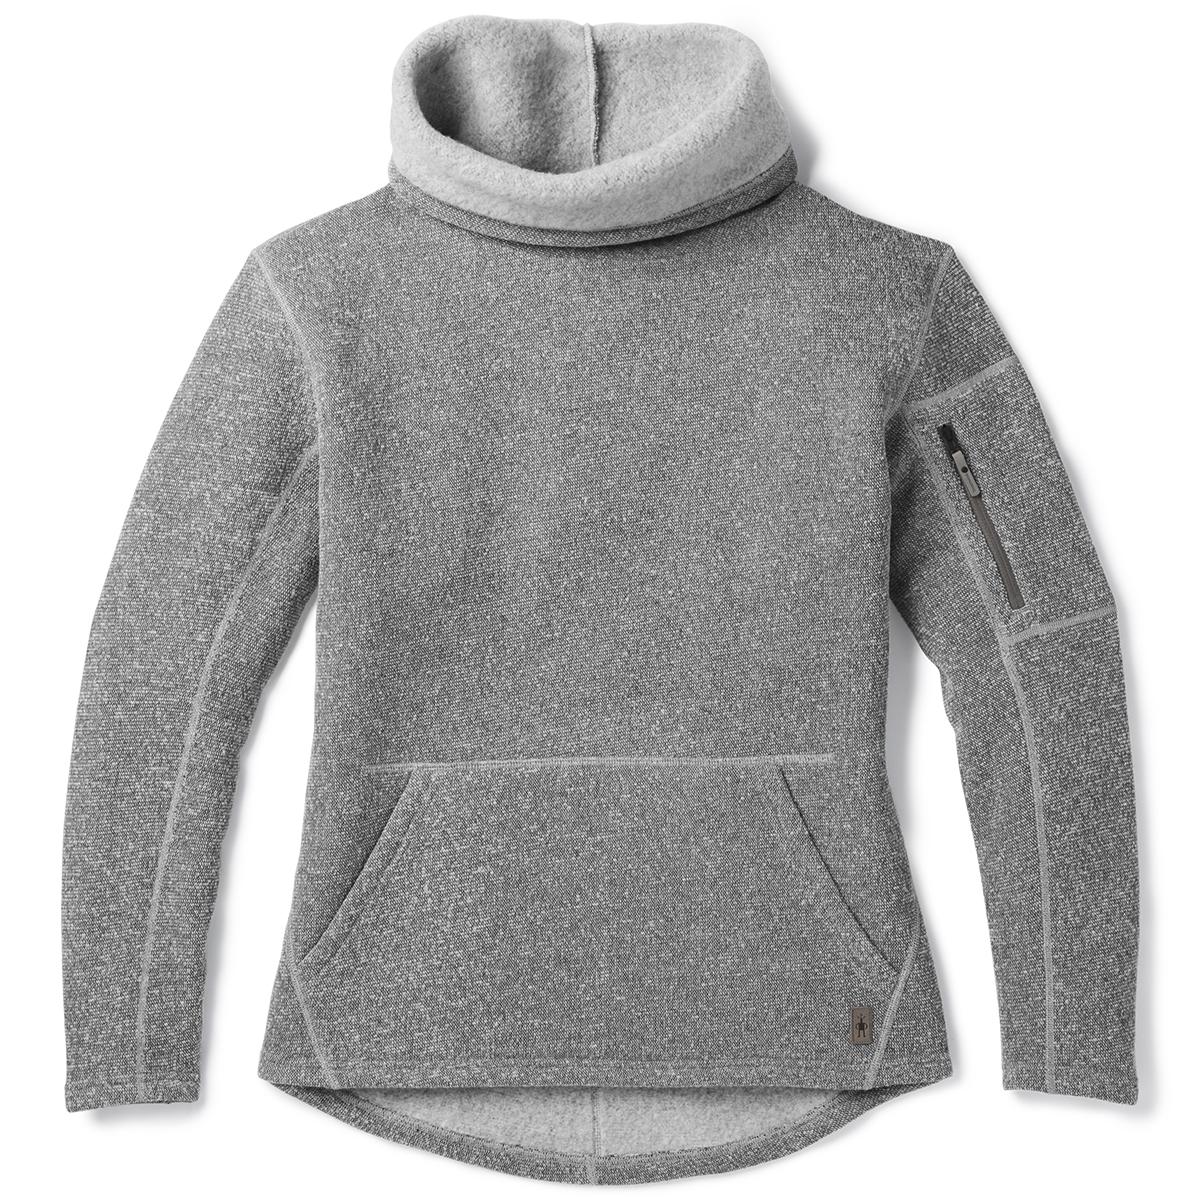 Smartwool Women's Hudson Trail Pullover Fleece Sweater - Black, S